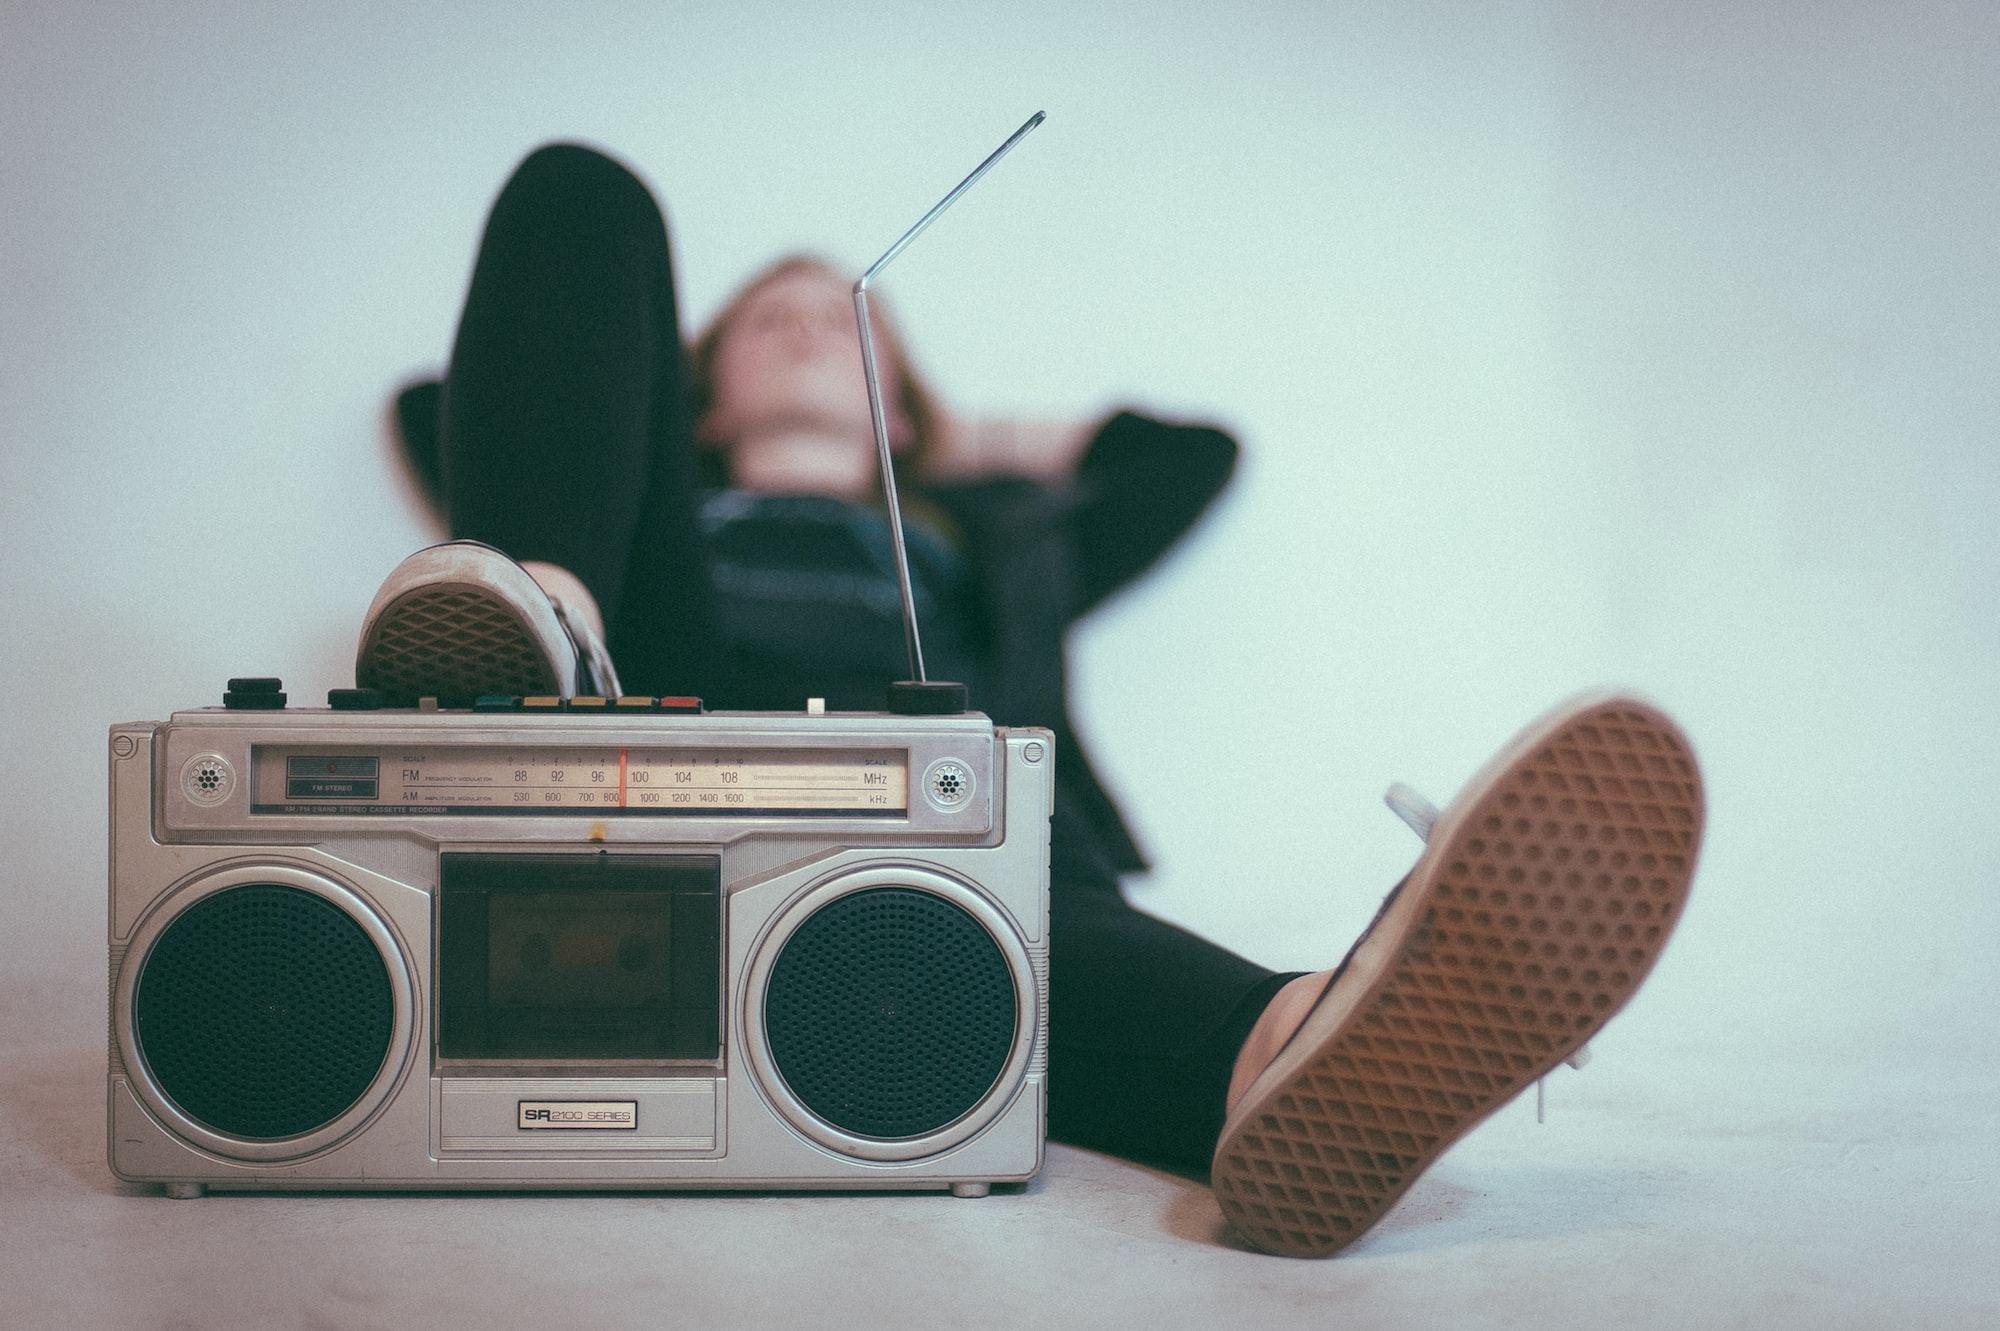 Müzikte Geceden Esinlenen Veya Geceyi Çağrıştıran Beste Bulmaca Anlamı Nedir?